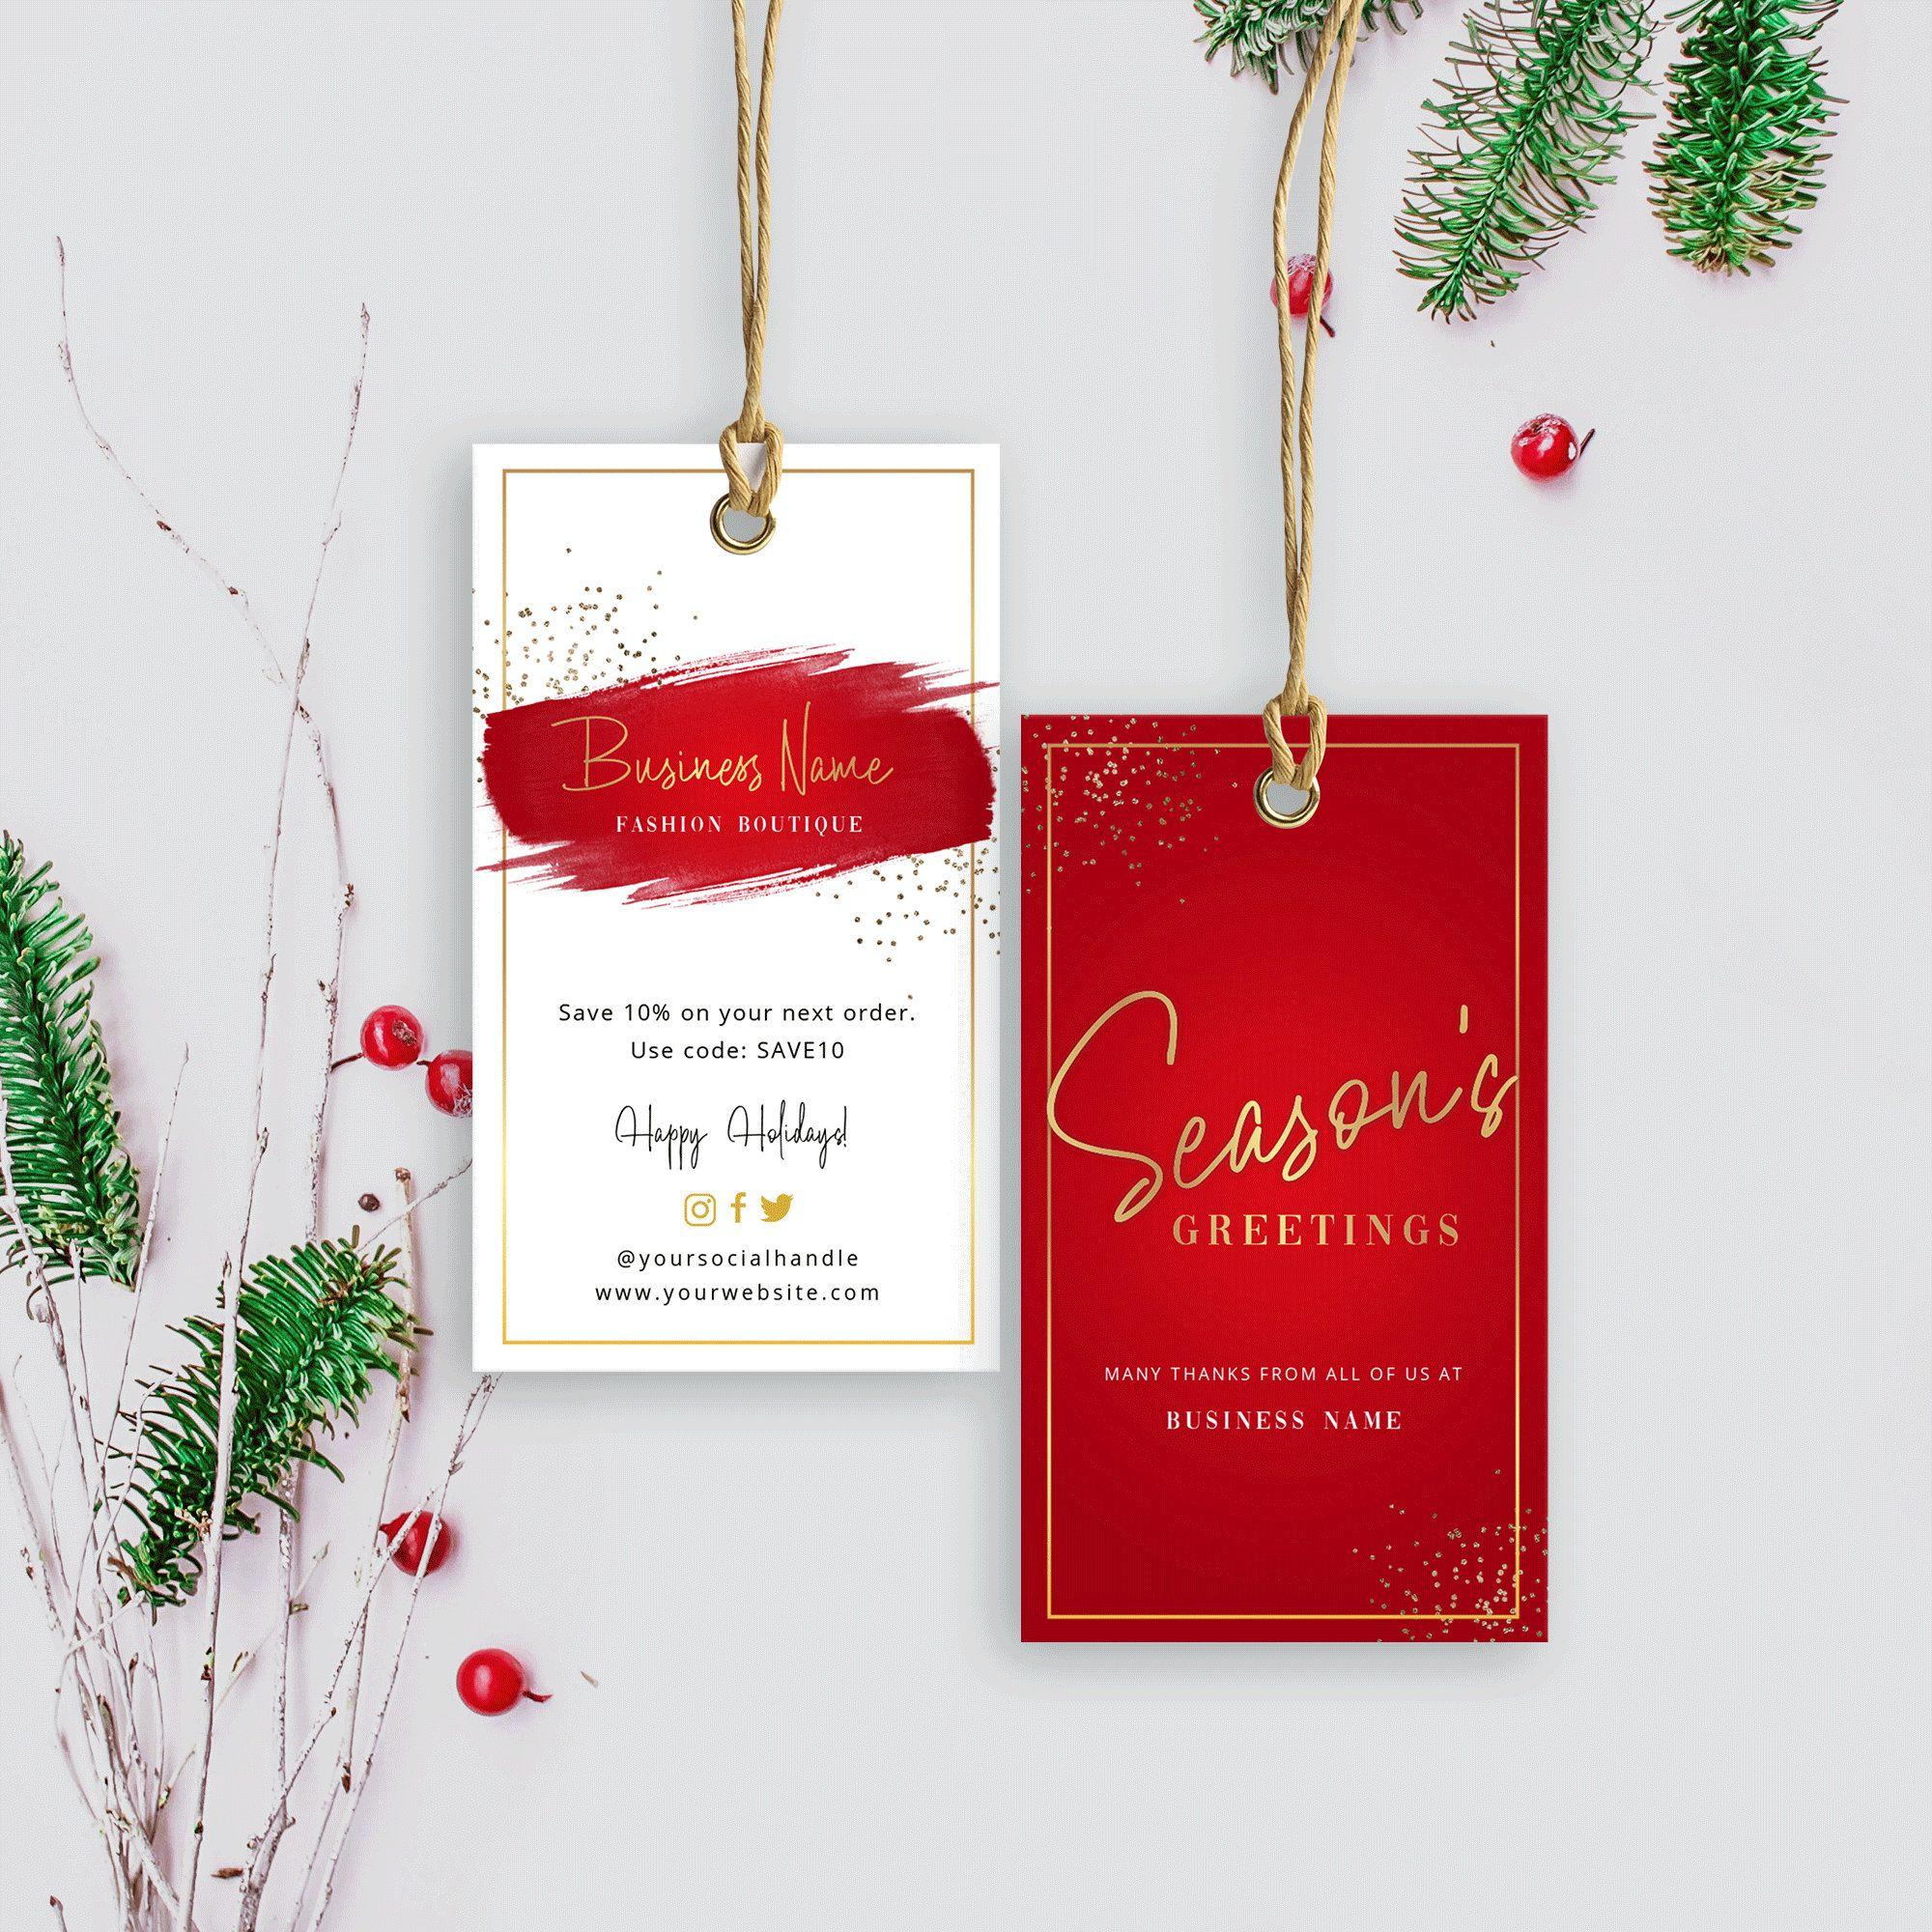 Editable Hang Tag Template Season S Greetings Hang Tags Christmas Swing Tag Holiday Tag Design Swing Tag Design Printable Xmas Tags Business Thank You Cards